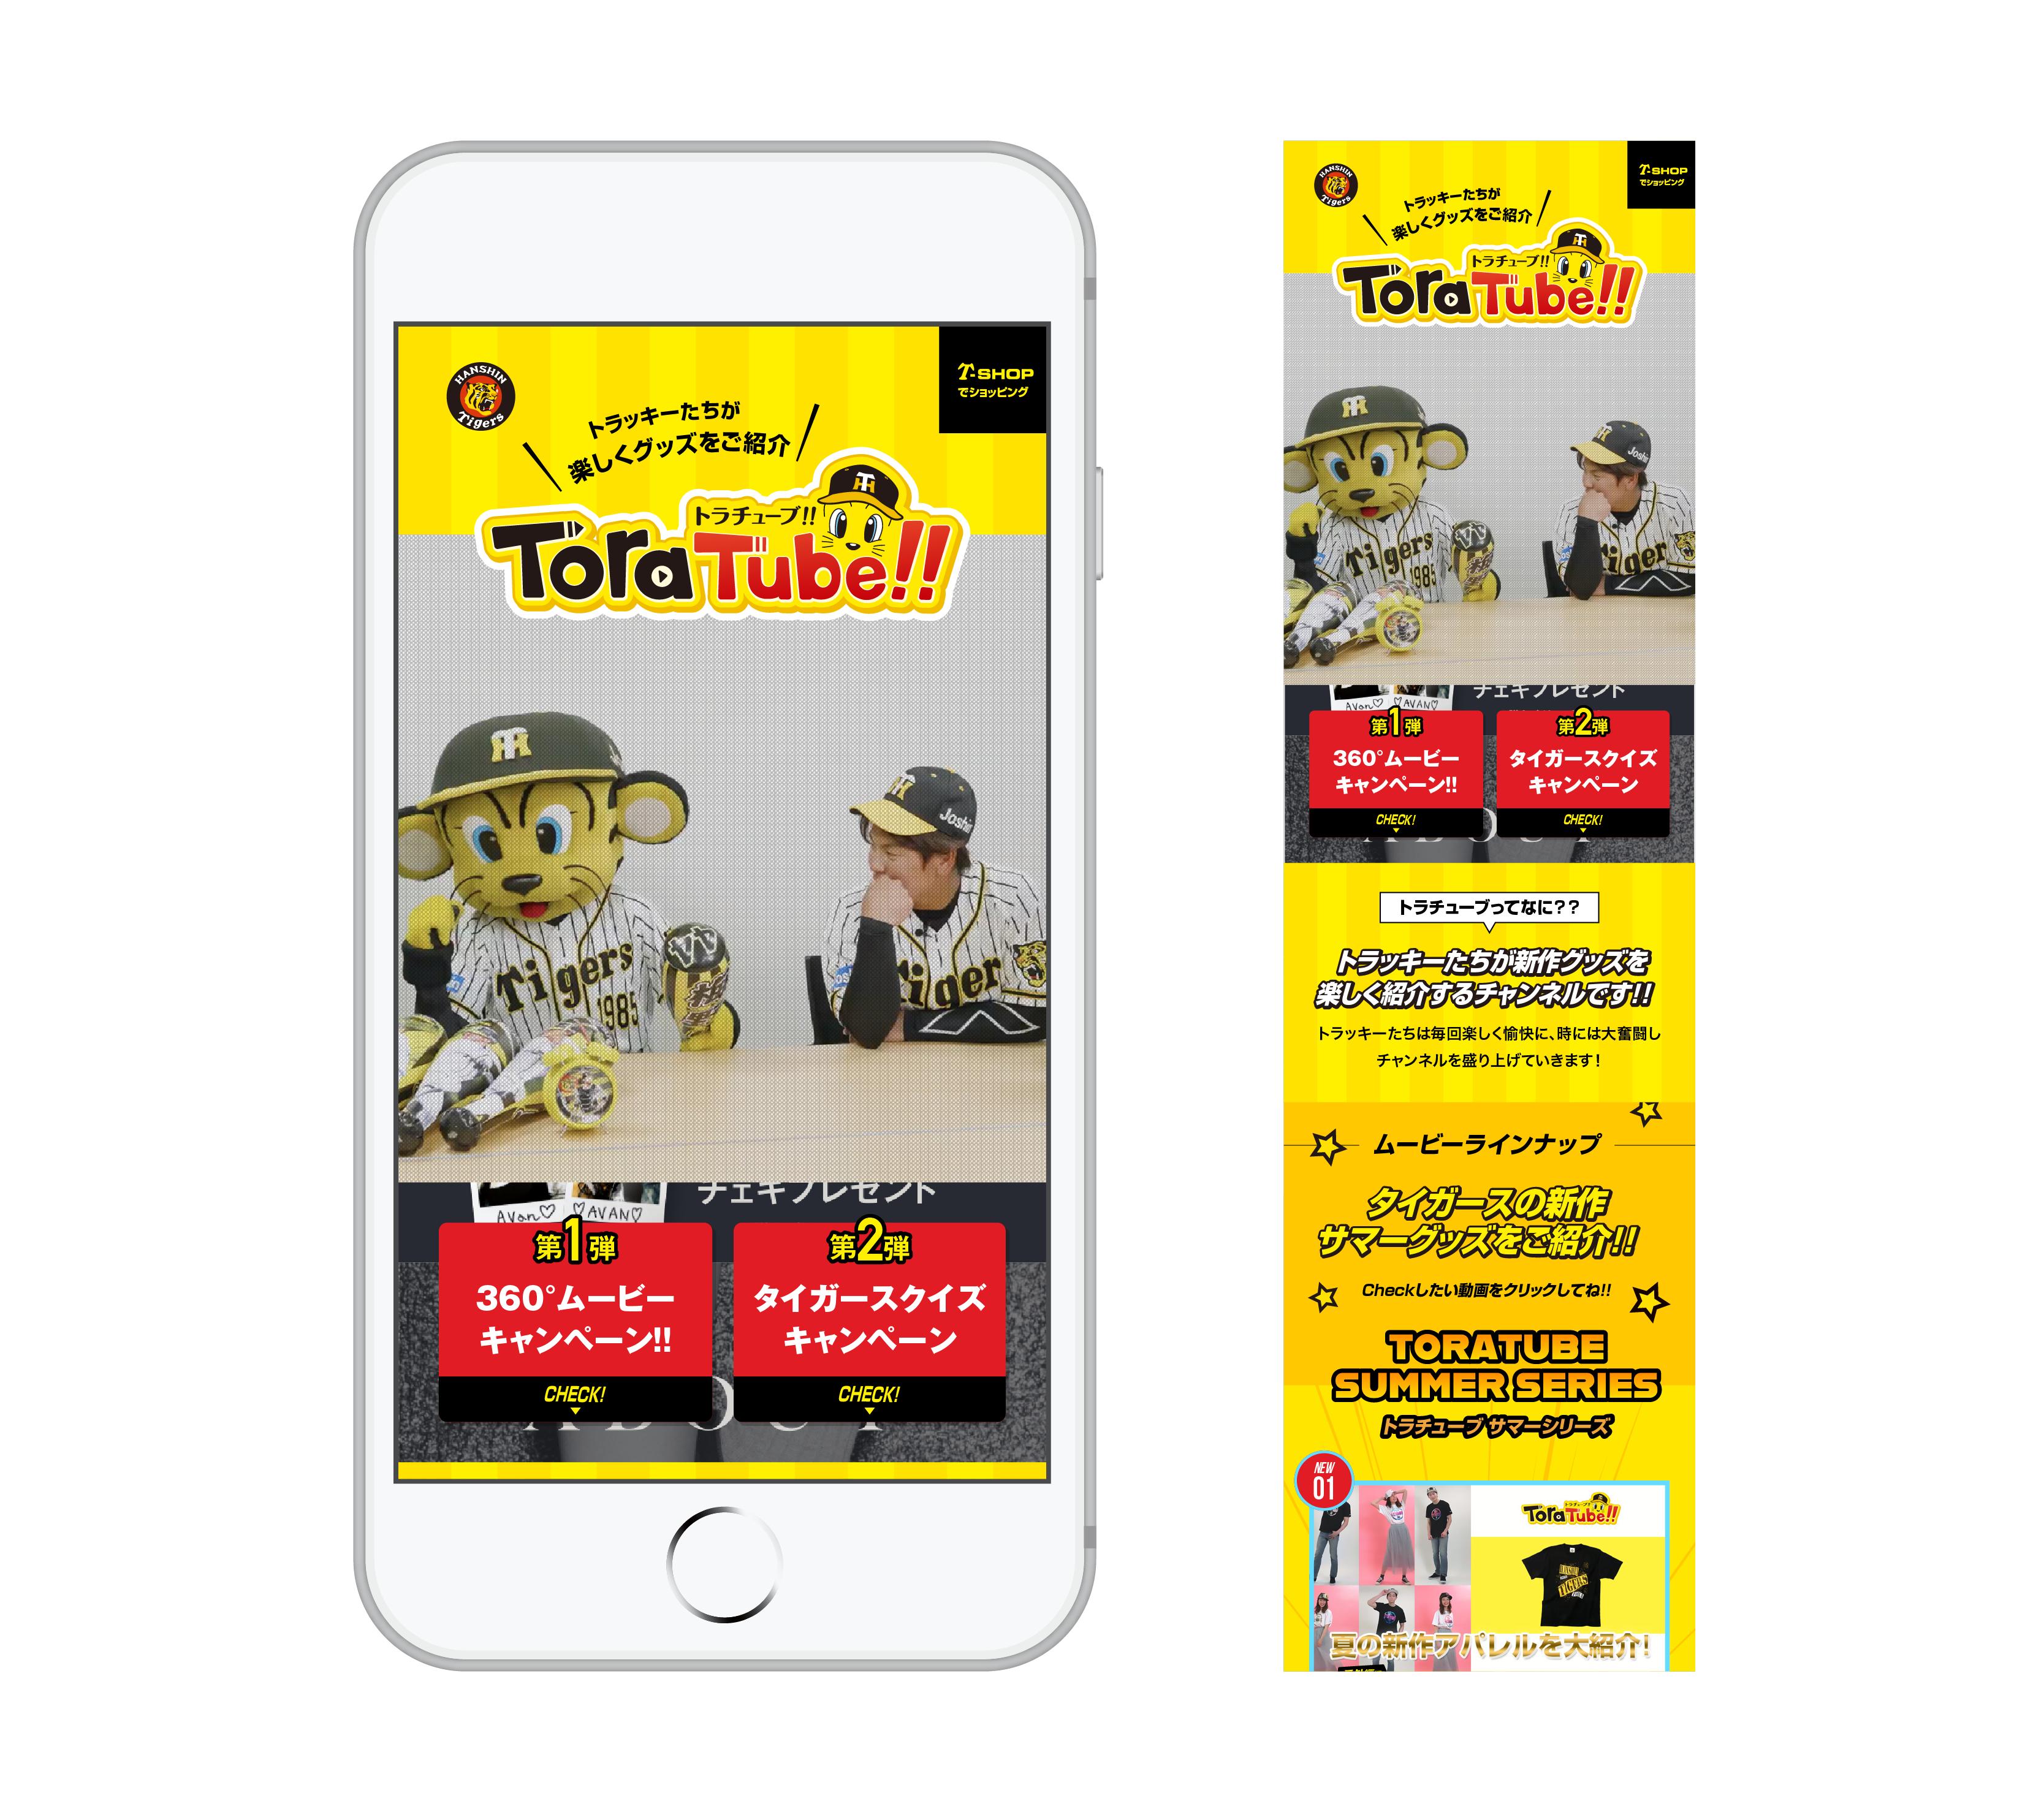 toratube_2020_sp_web